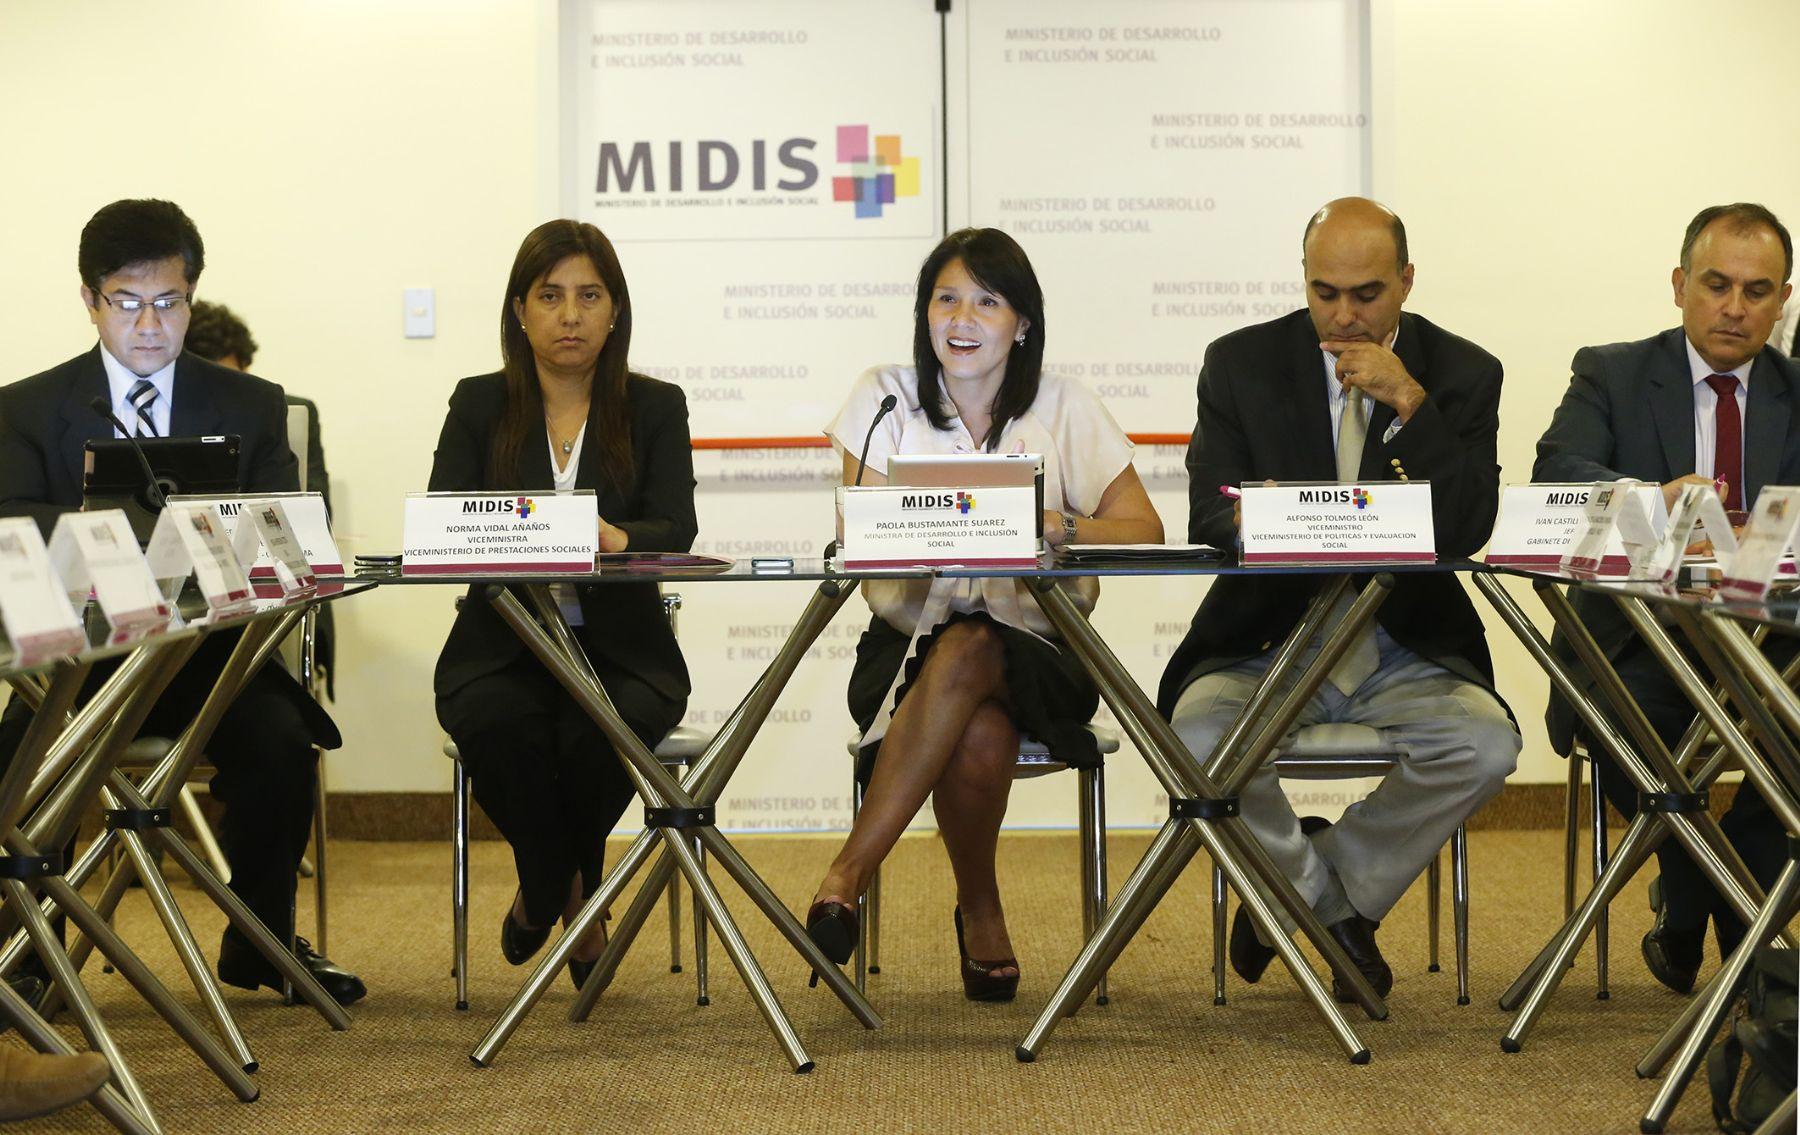 Ministra Paola Bustamante y agencias de cooperación internacional. Foto: Midis.